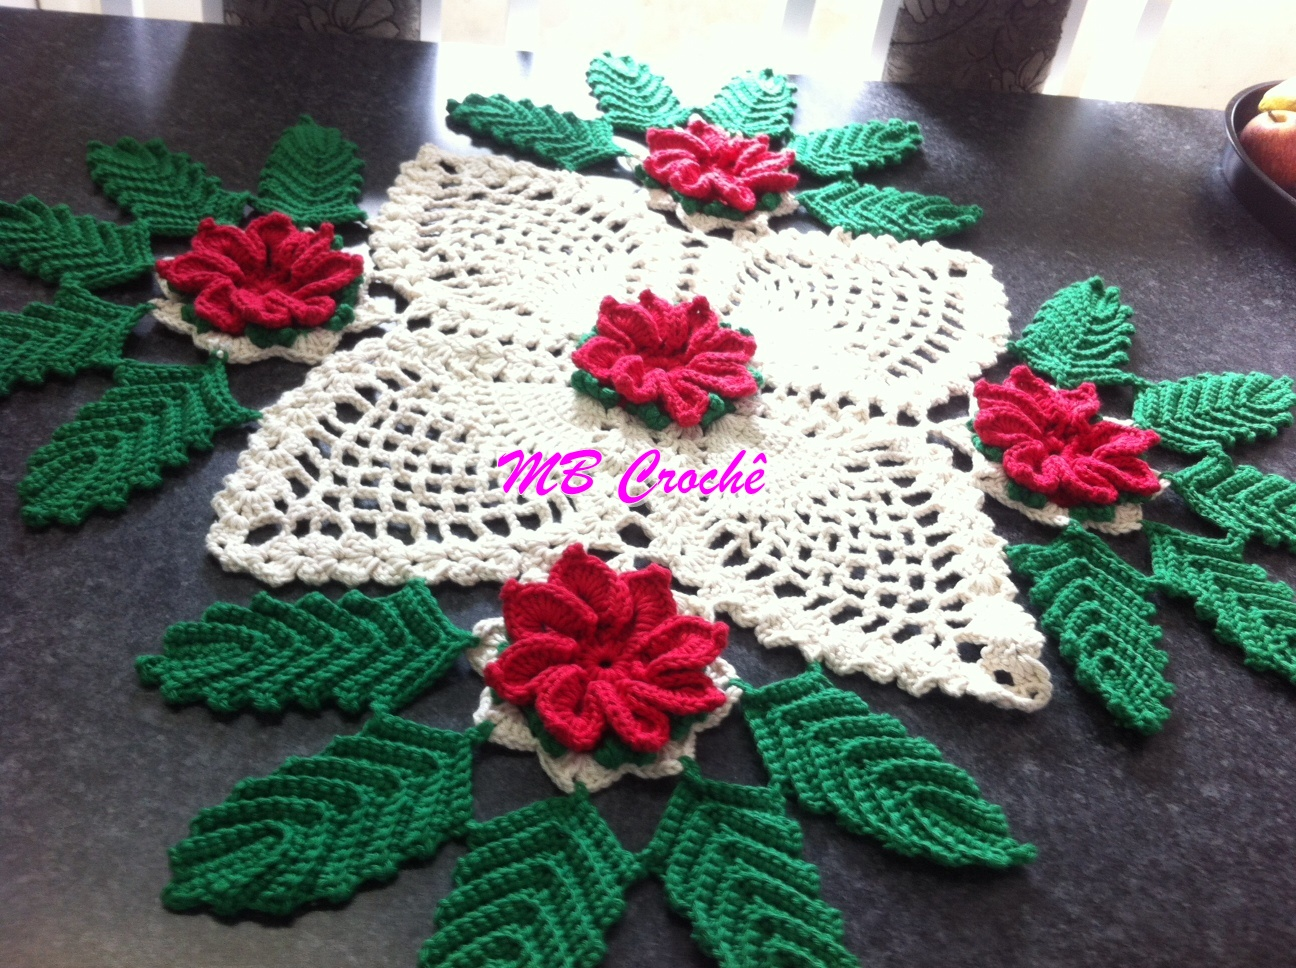 Centro de mesa para navidad paso a paso con v deo tutorial y patrones patrones crochet - Manualidades de navidad paso a paso ...